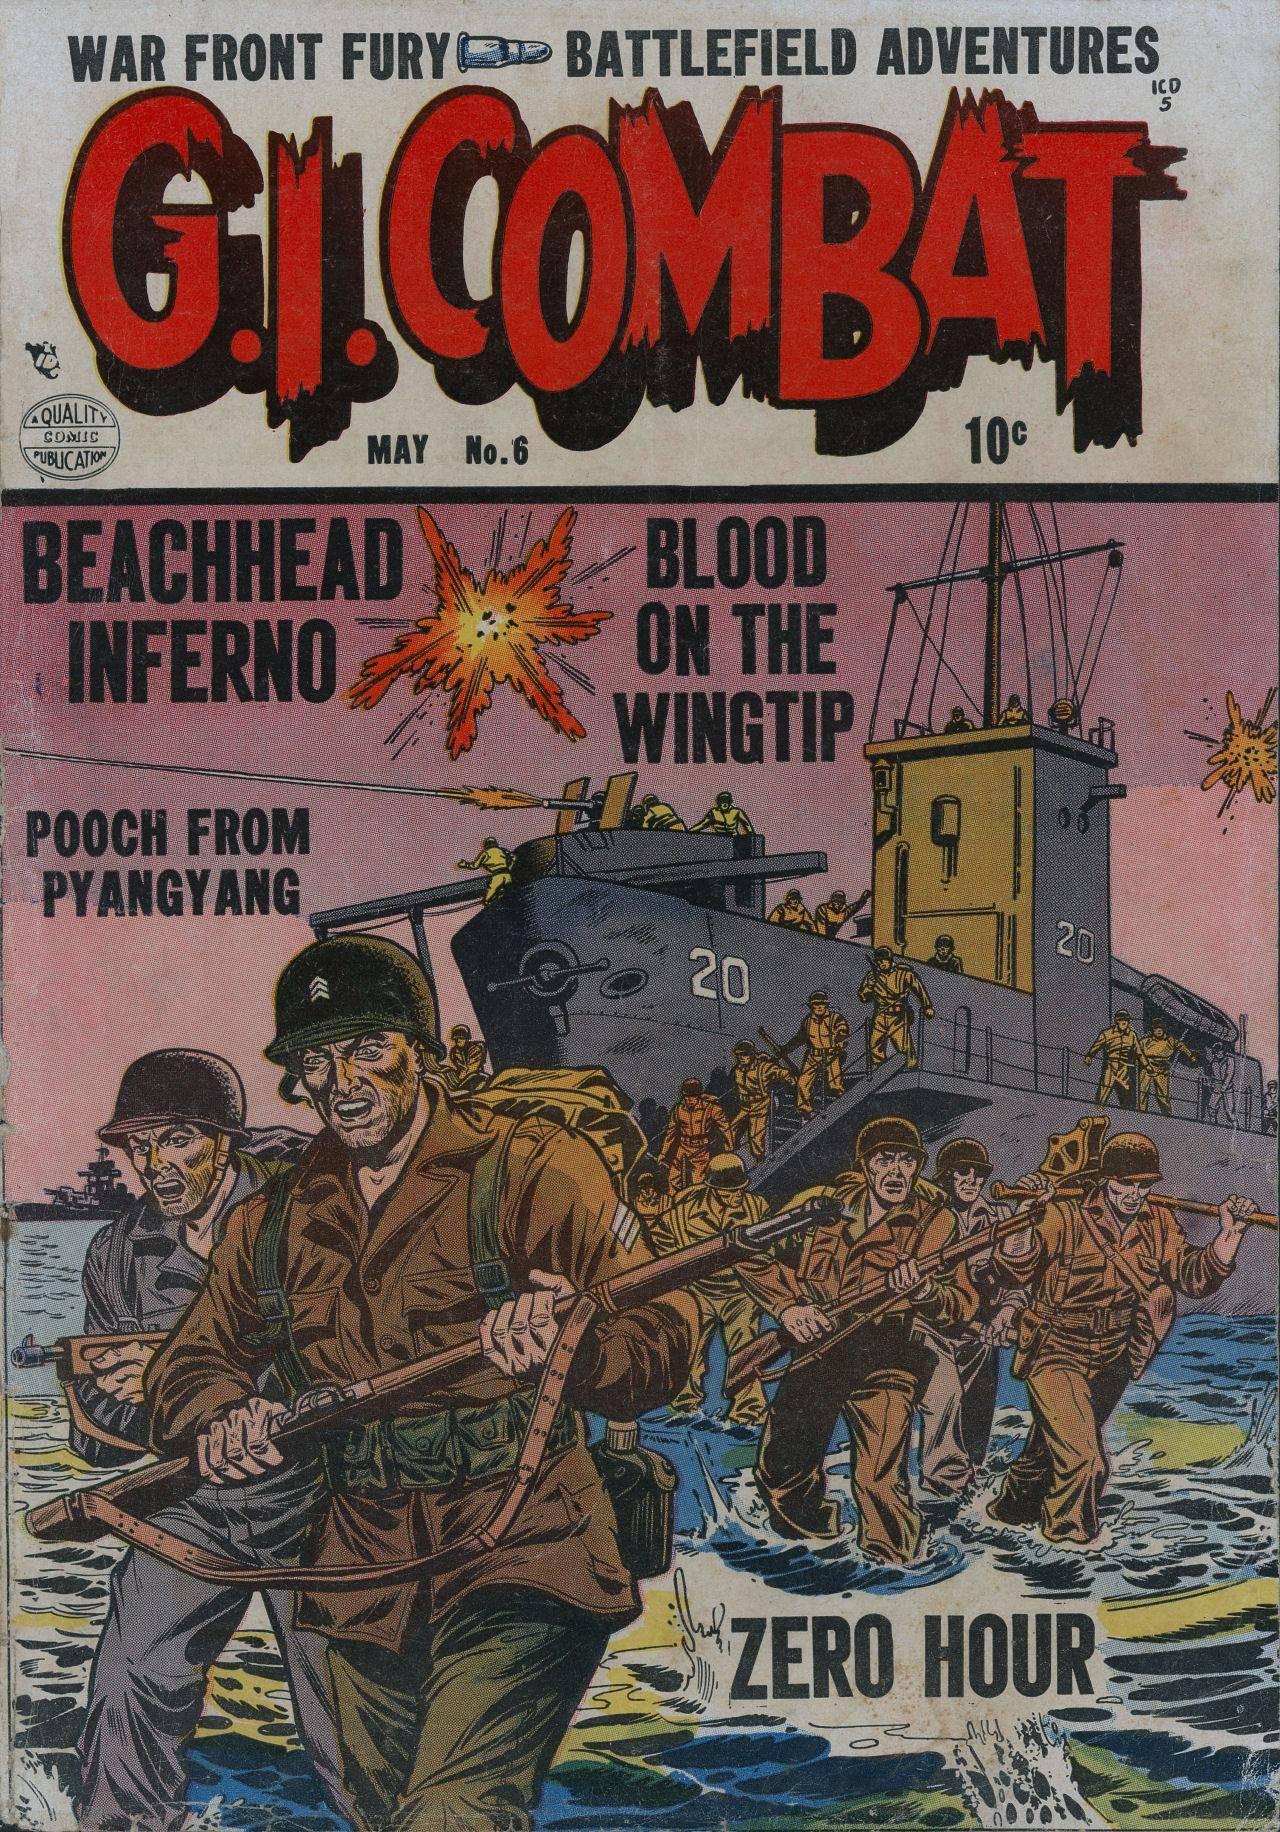 For Horby G I  Combat v1 06 1953 cbz